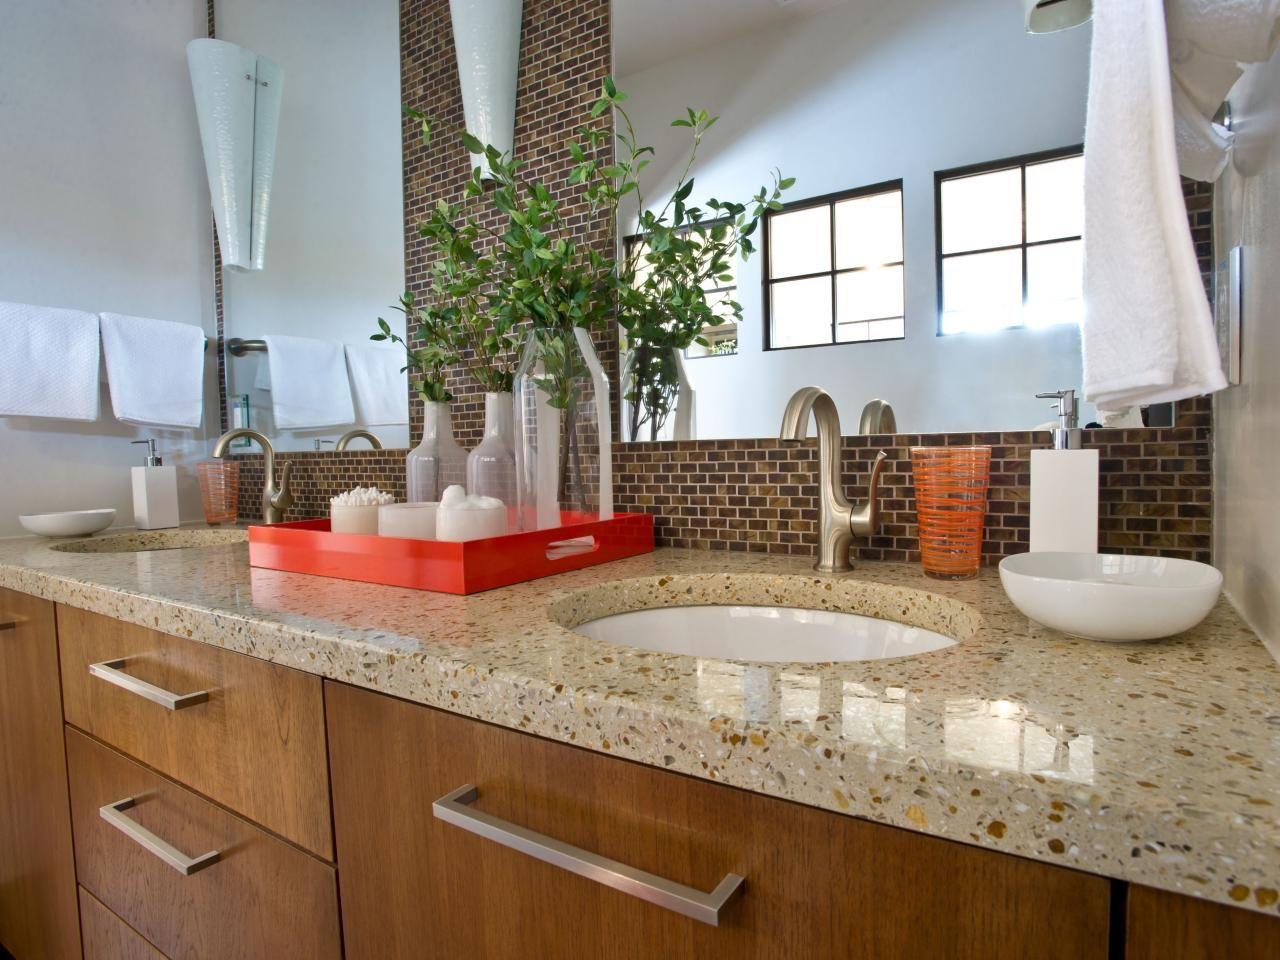 5 Strategies to Declutter Your Bathroom Countertop ...